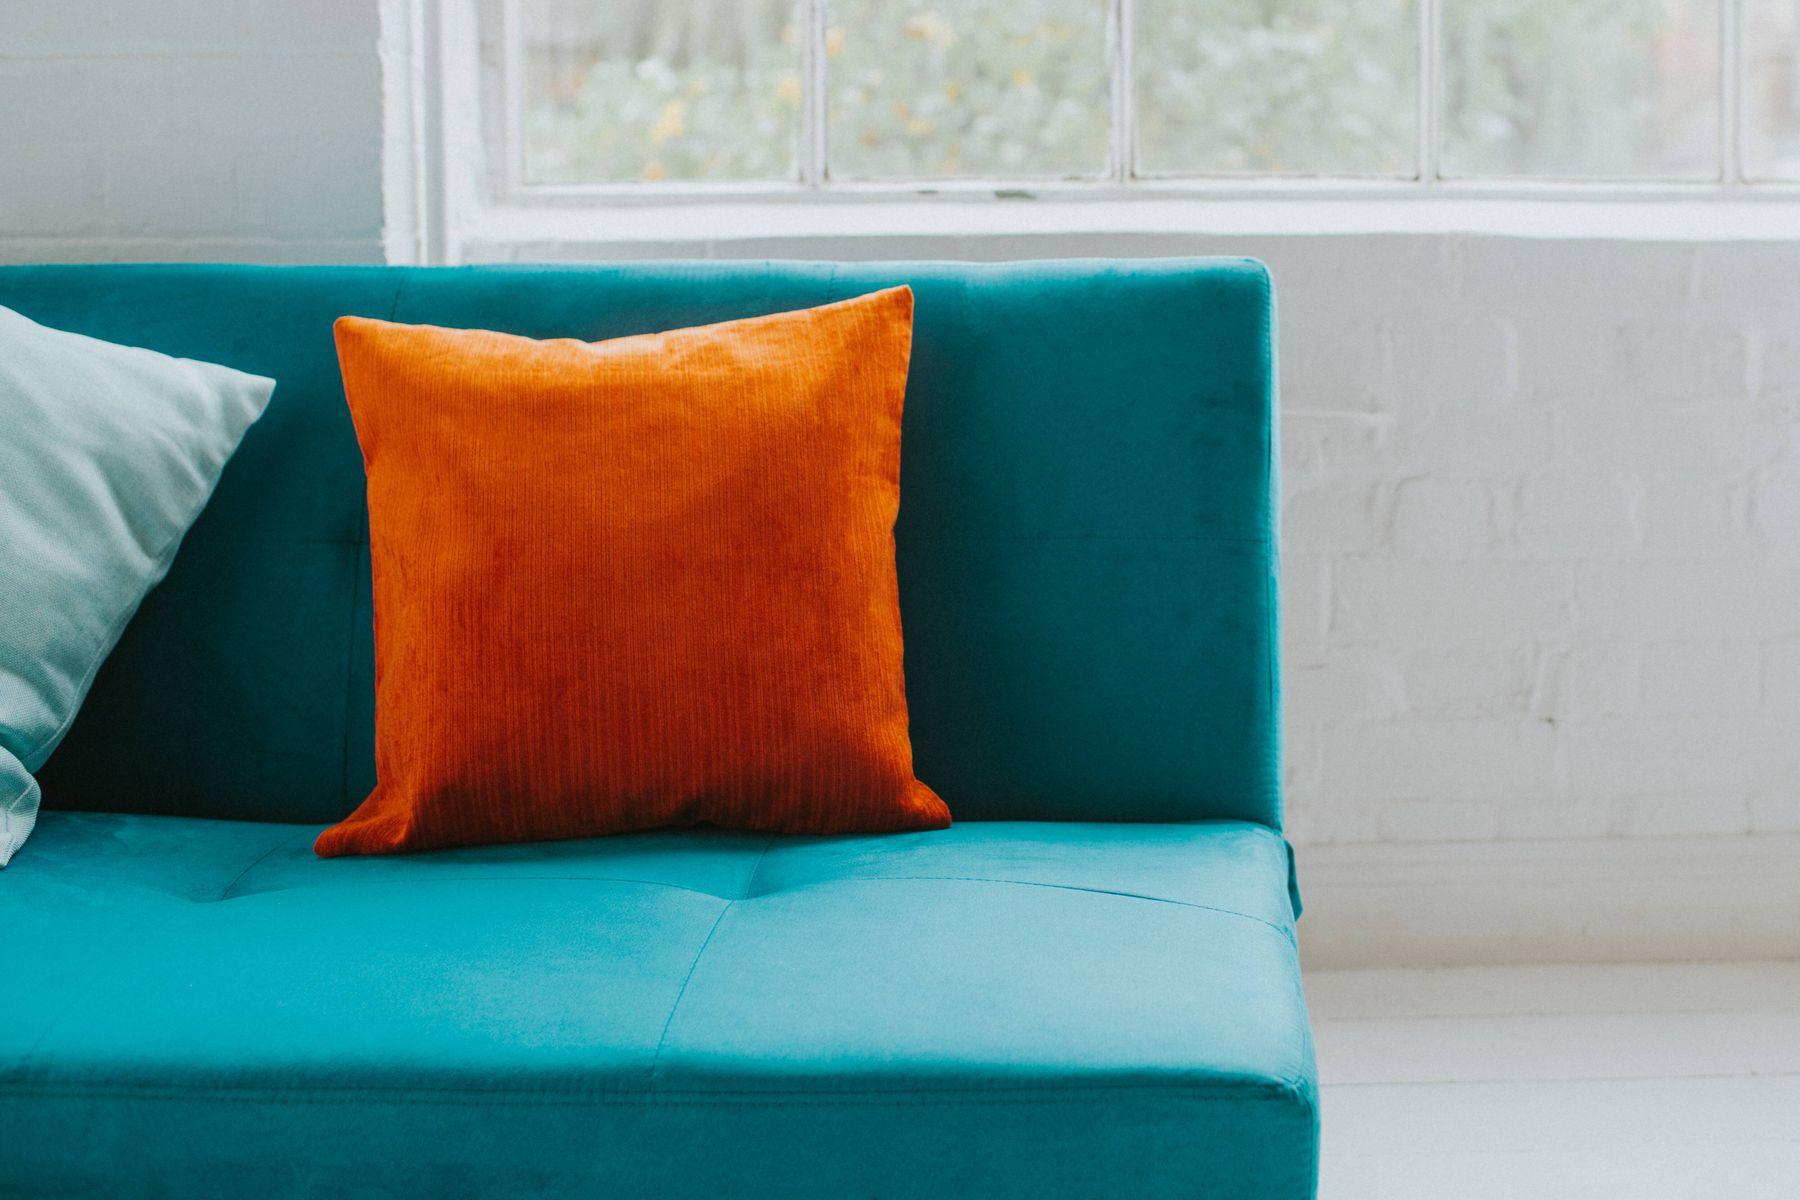 niebieska sofa z pomarańczową i zieloną poduszką